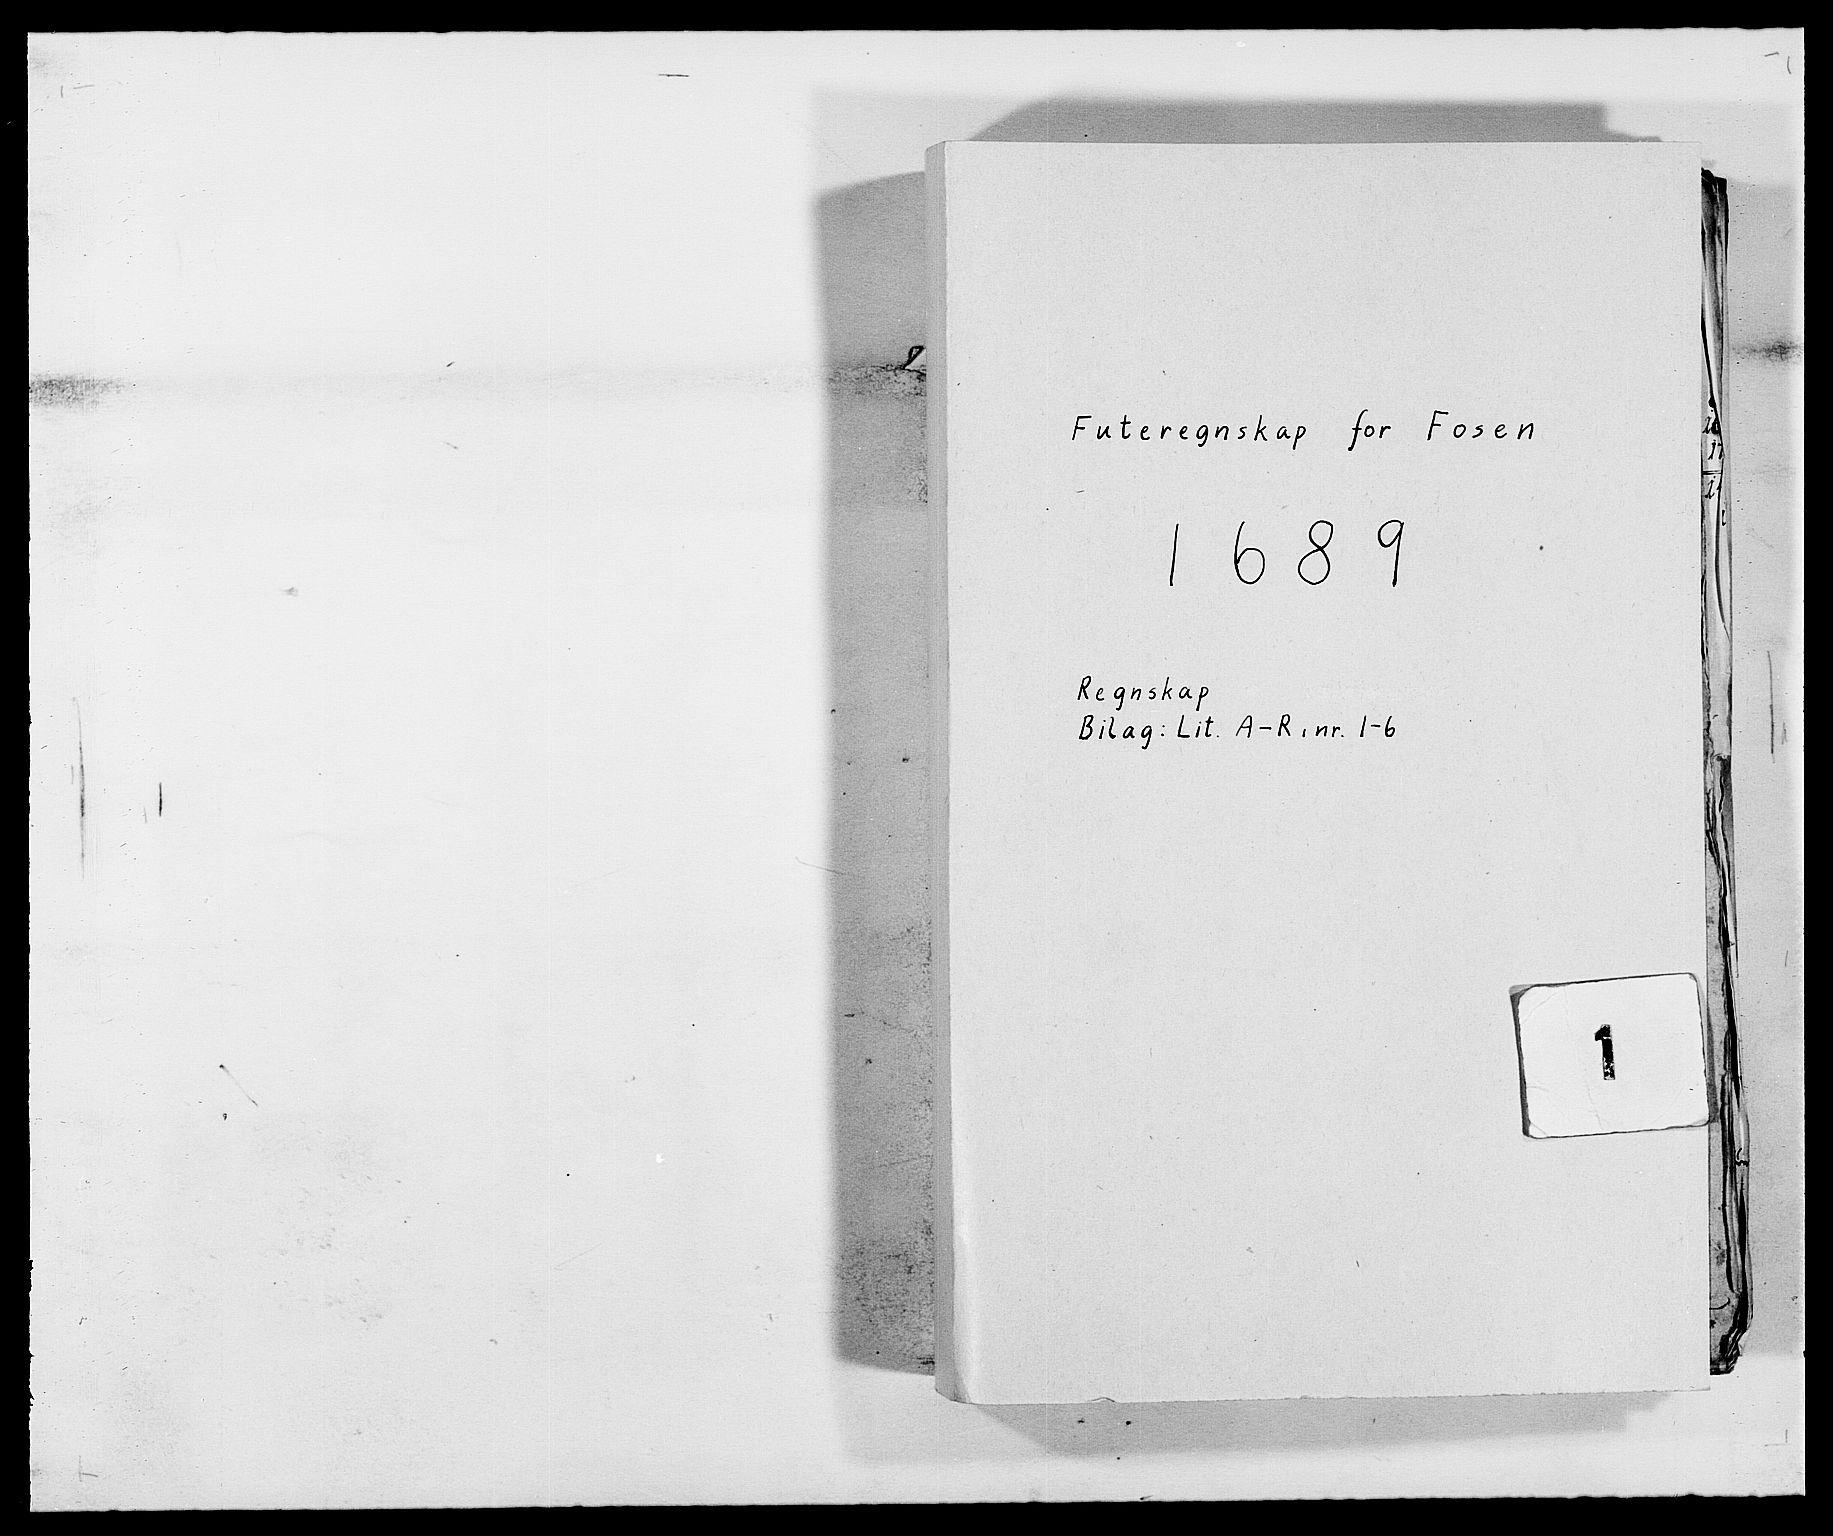 RA, Rentekammeret inntil 1814, Reviderte regnskaper, Fogderegnskap, R57/L3847: Fogderegnskap Fosen, 1689, s. 1